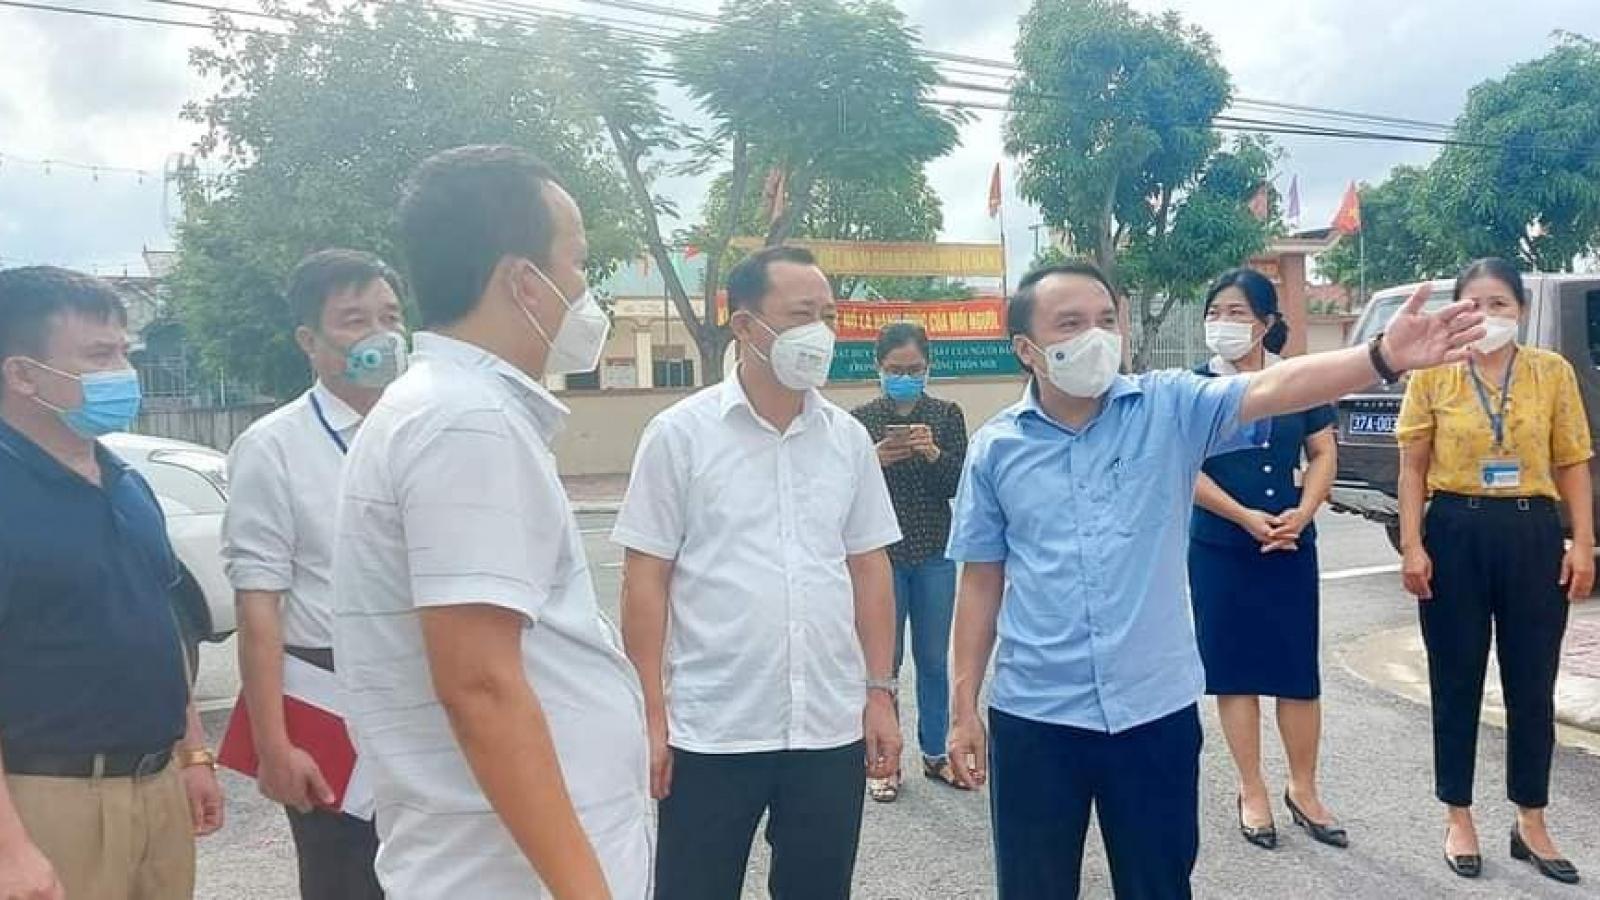 Thành phố Vinh có thêm 4 trường hợp dương tính với SARS-CoV-2